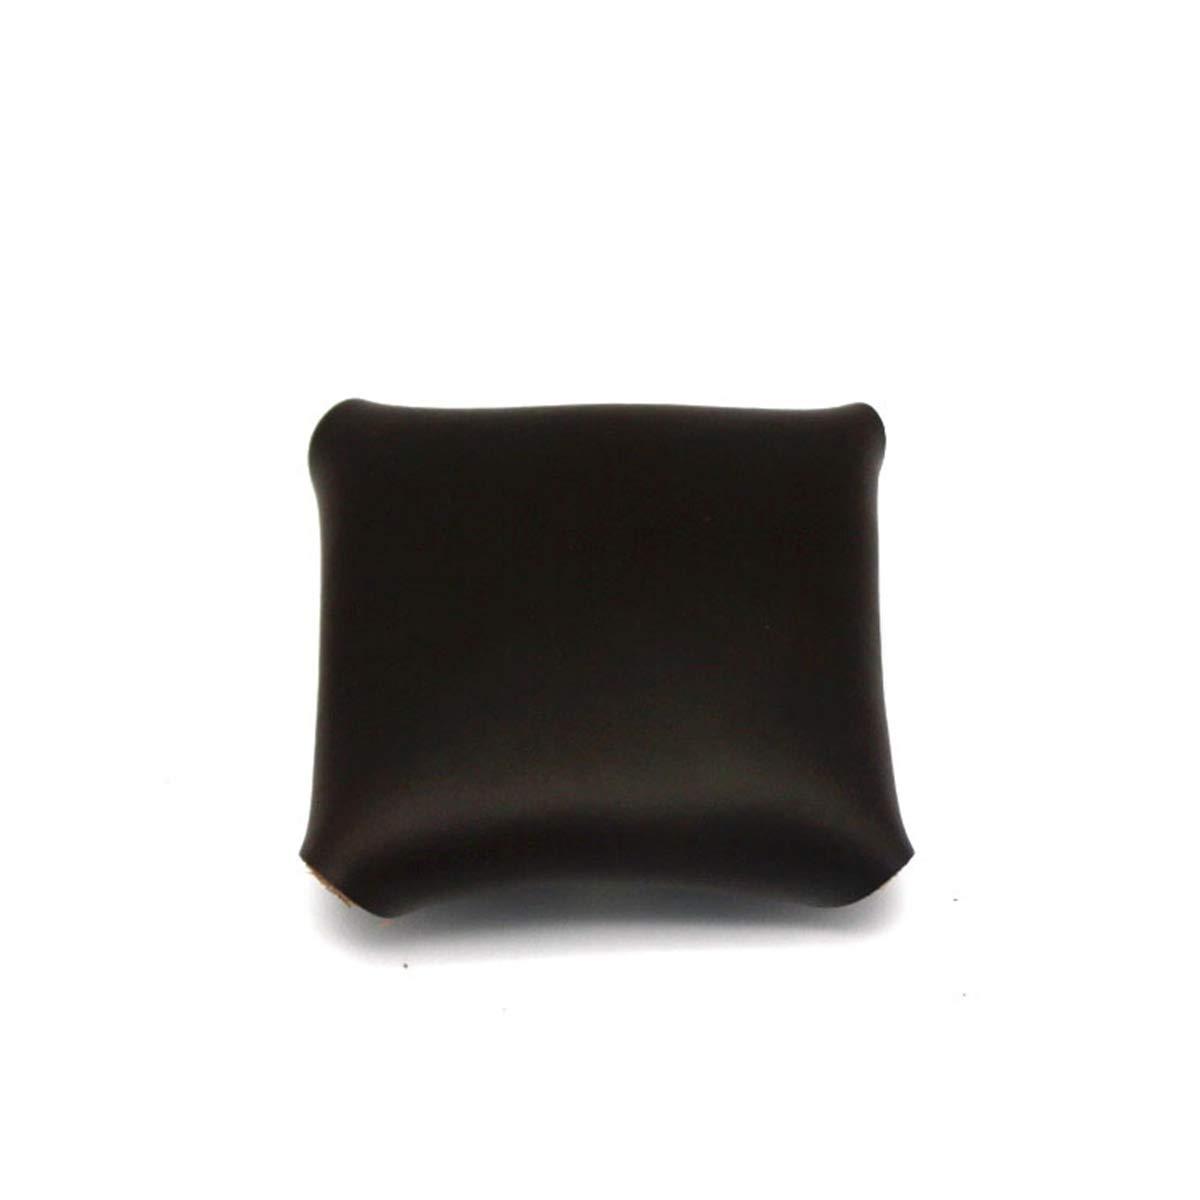 Amazon.com: SUPVOX Leather Mini Coin Purse Small Change ...